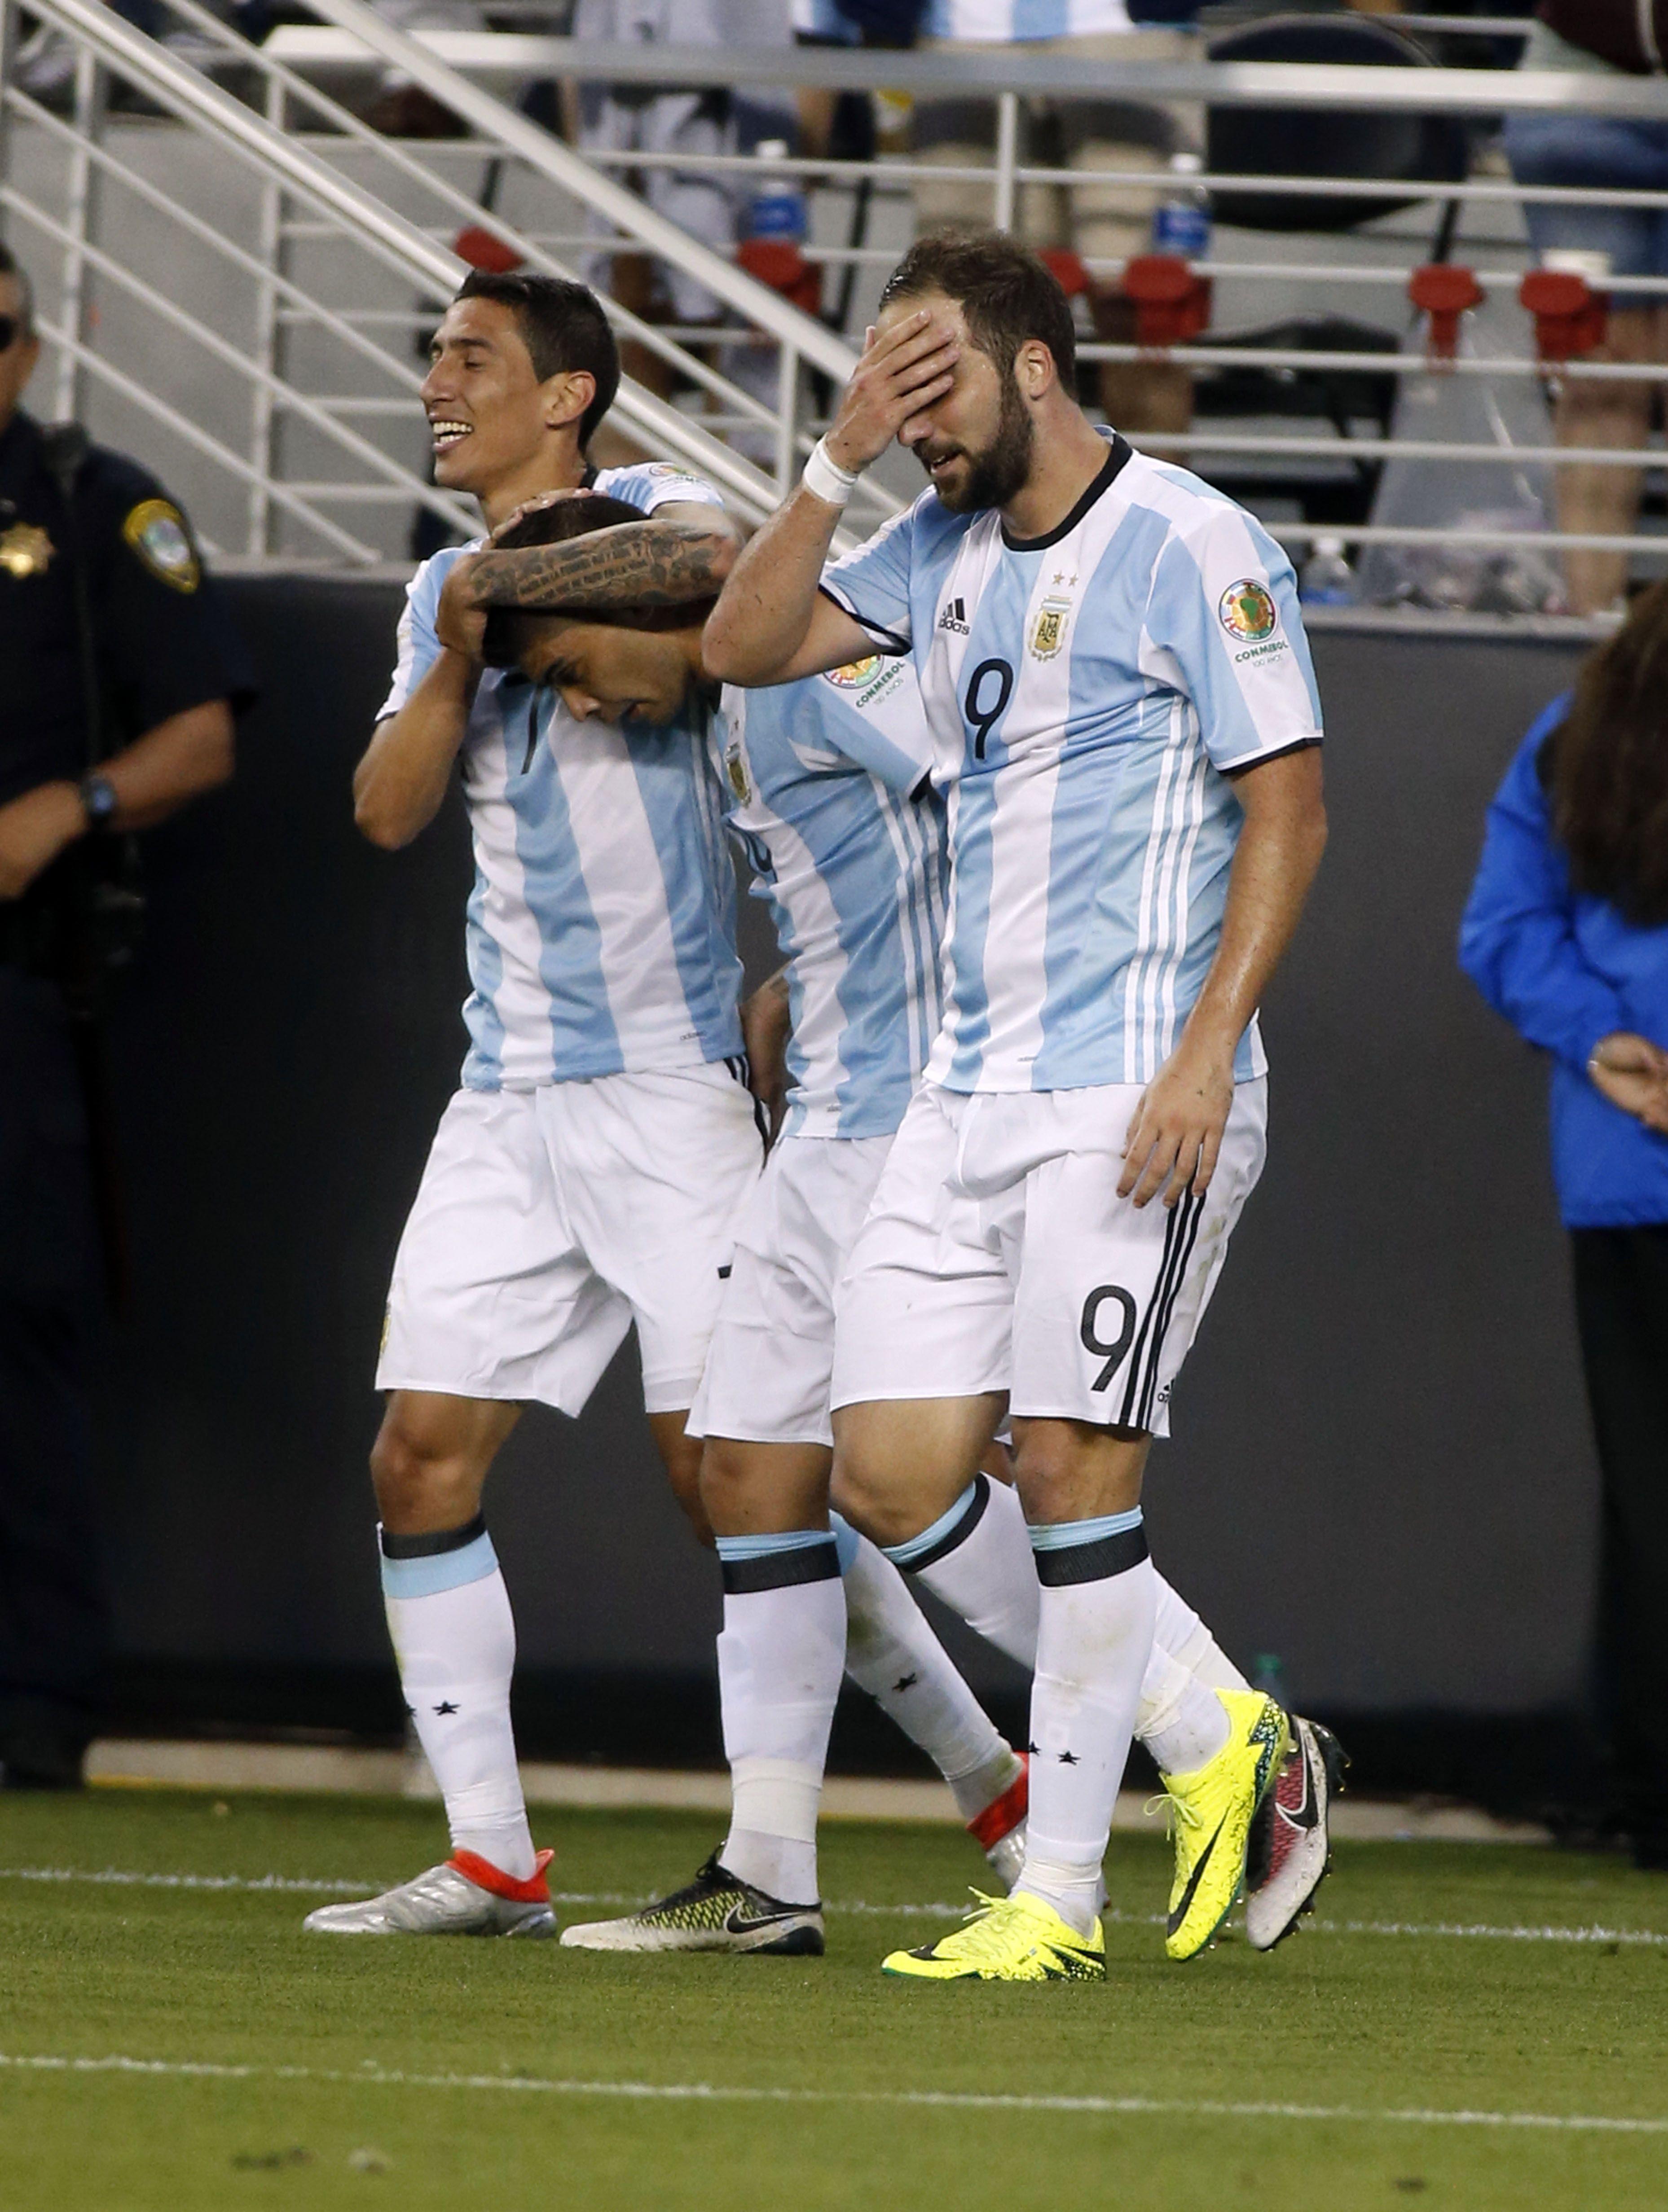 El rating de la Selección Argentina, en plena caída